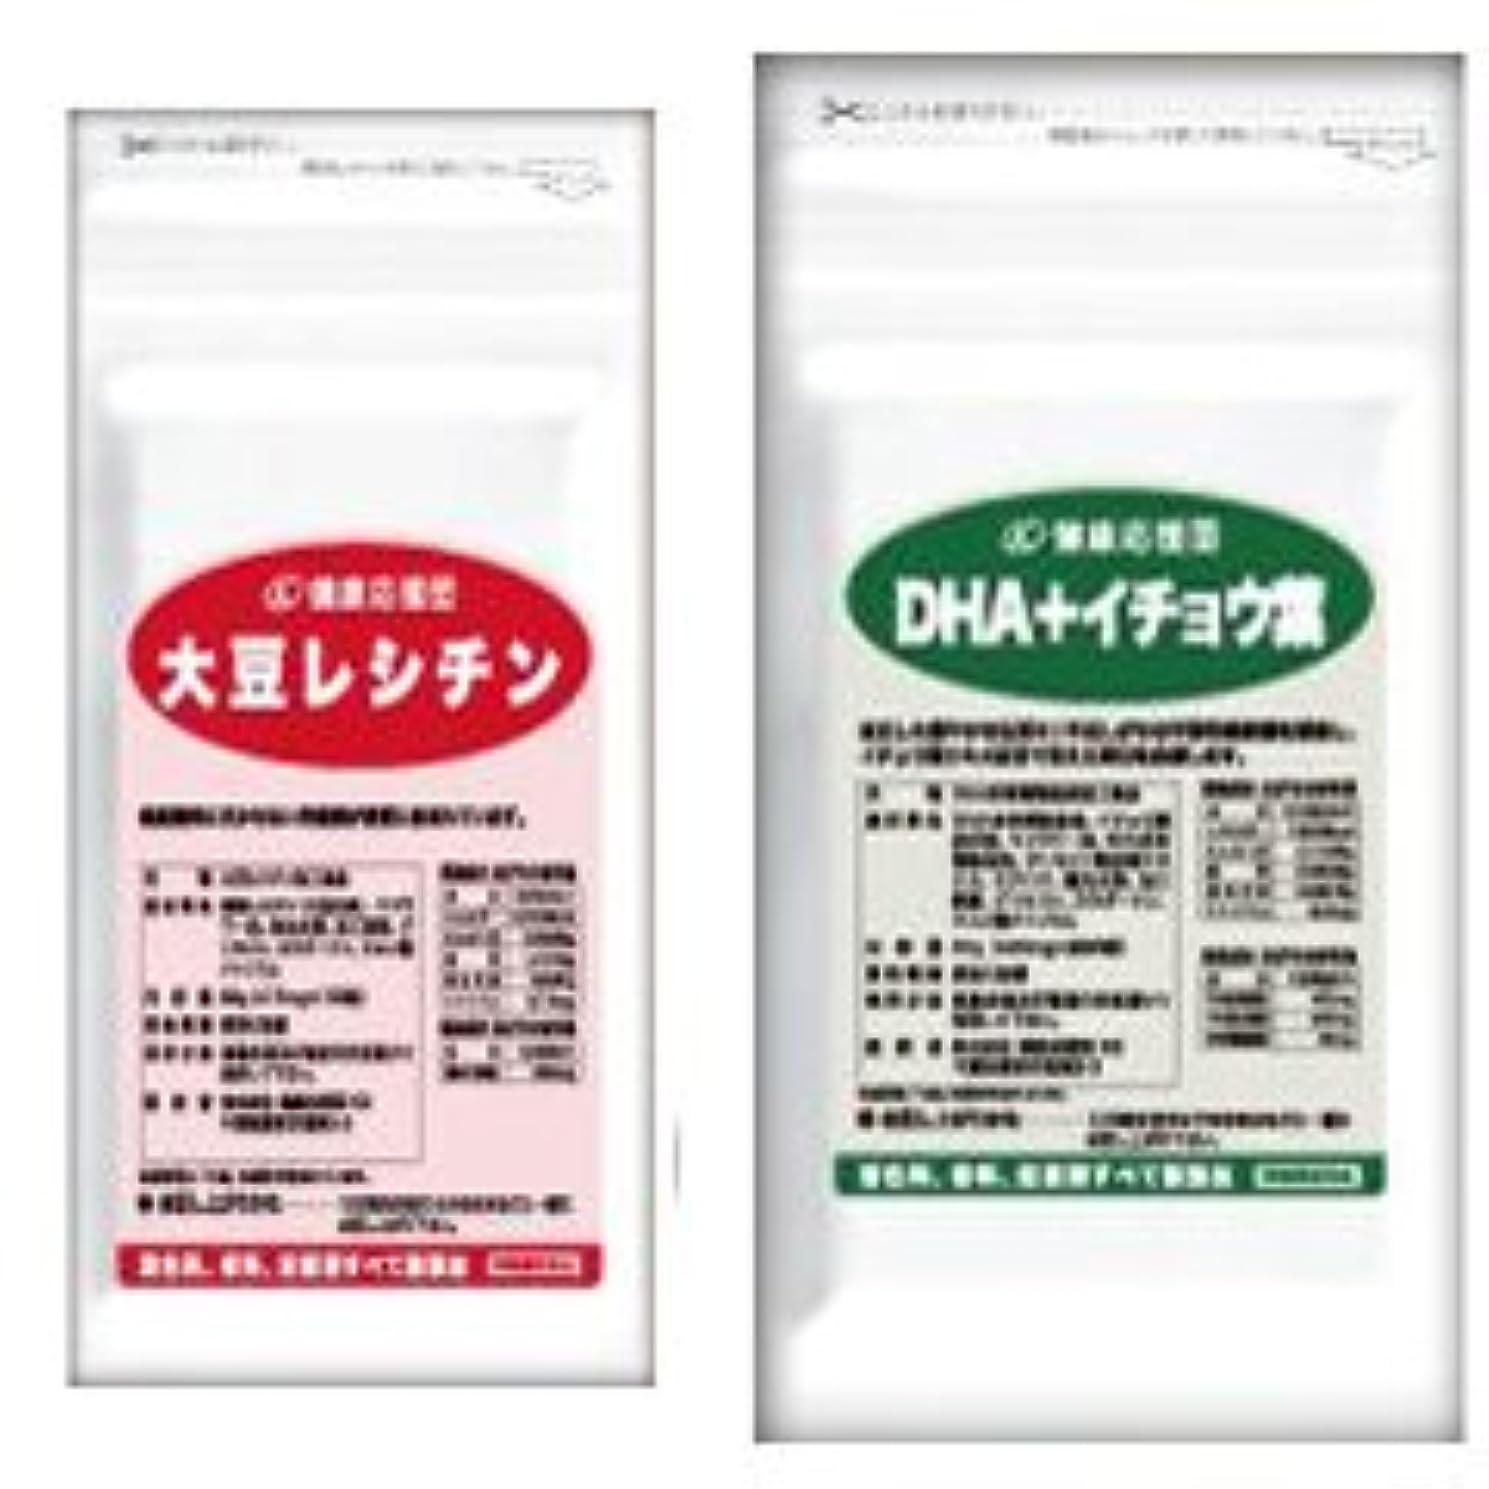 ステージアベニュー繊維流れサラサラセット 大豆レシチン+(DHA?EPA+イチョウ葉) お徳用12か月分